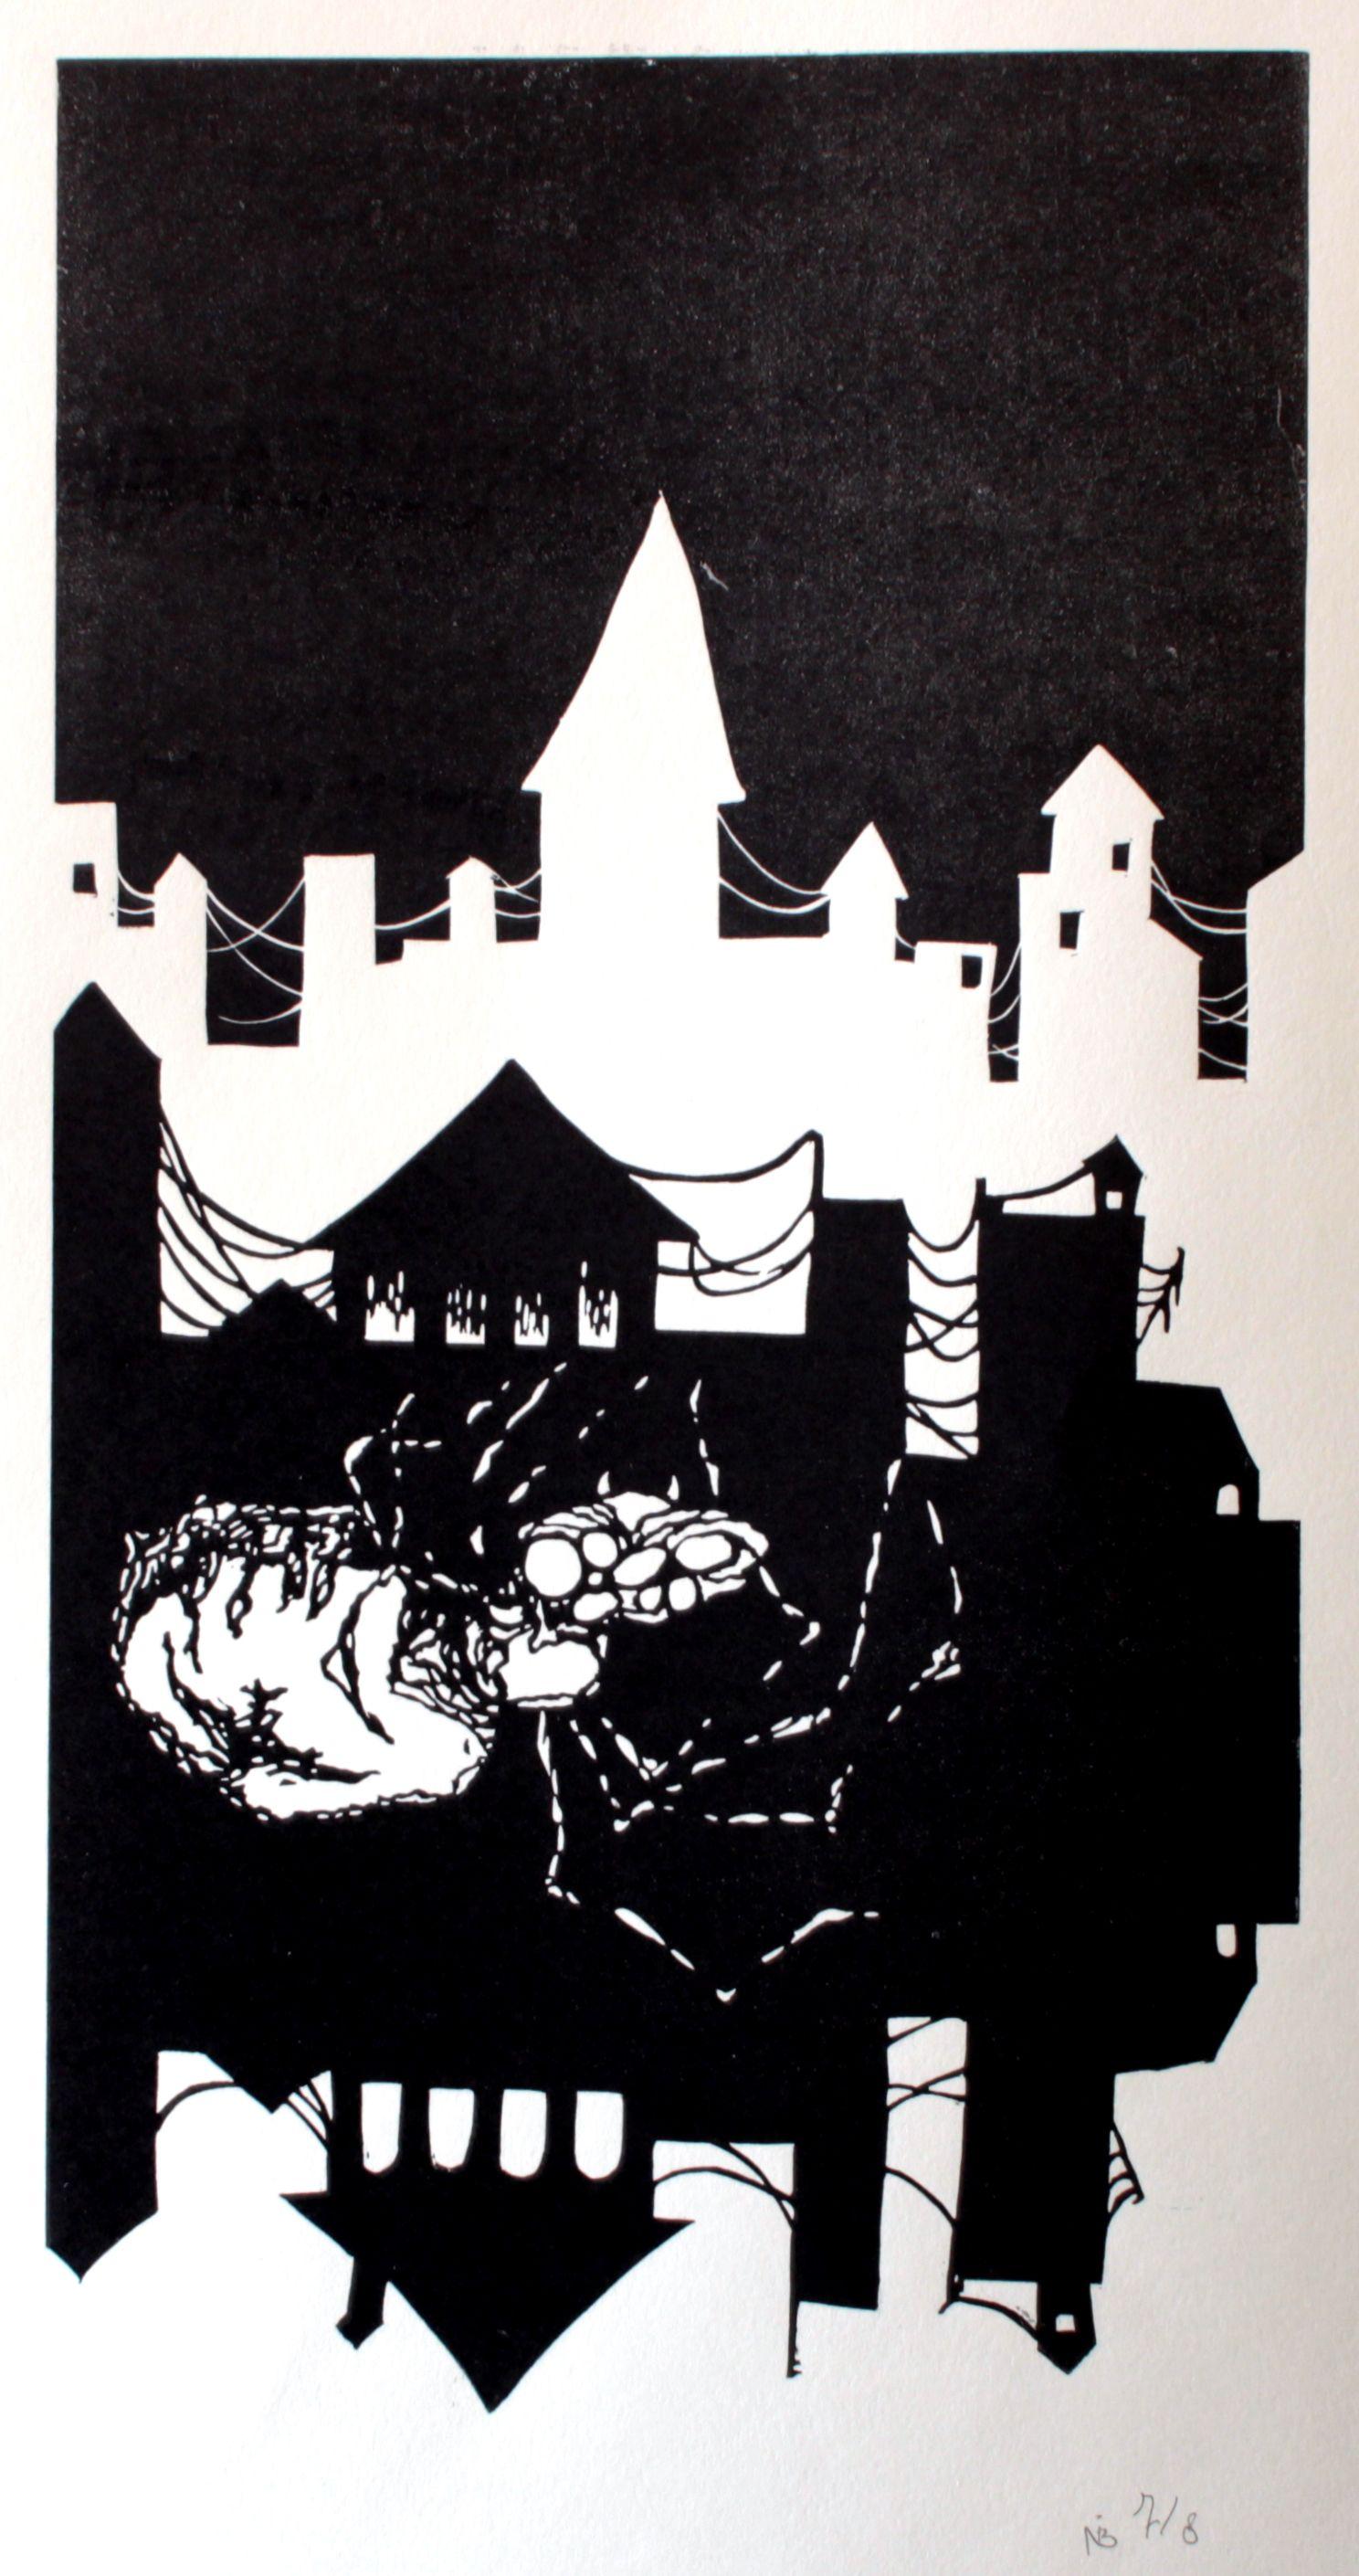 Expositie Spiegelbeeld | 9 januari t/m 13 februari 2016 | Kunstwerken van diverse jonge talentvolle grafici | Nellie de Boer - The dark city | Linodruk €300,00| www.baxkunst.nl | #baxkunst #expo #art #graphicart #contemporaryart #dutchartist #localart #gallery #Sneek #Holland